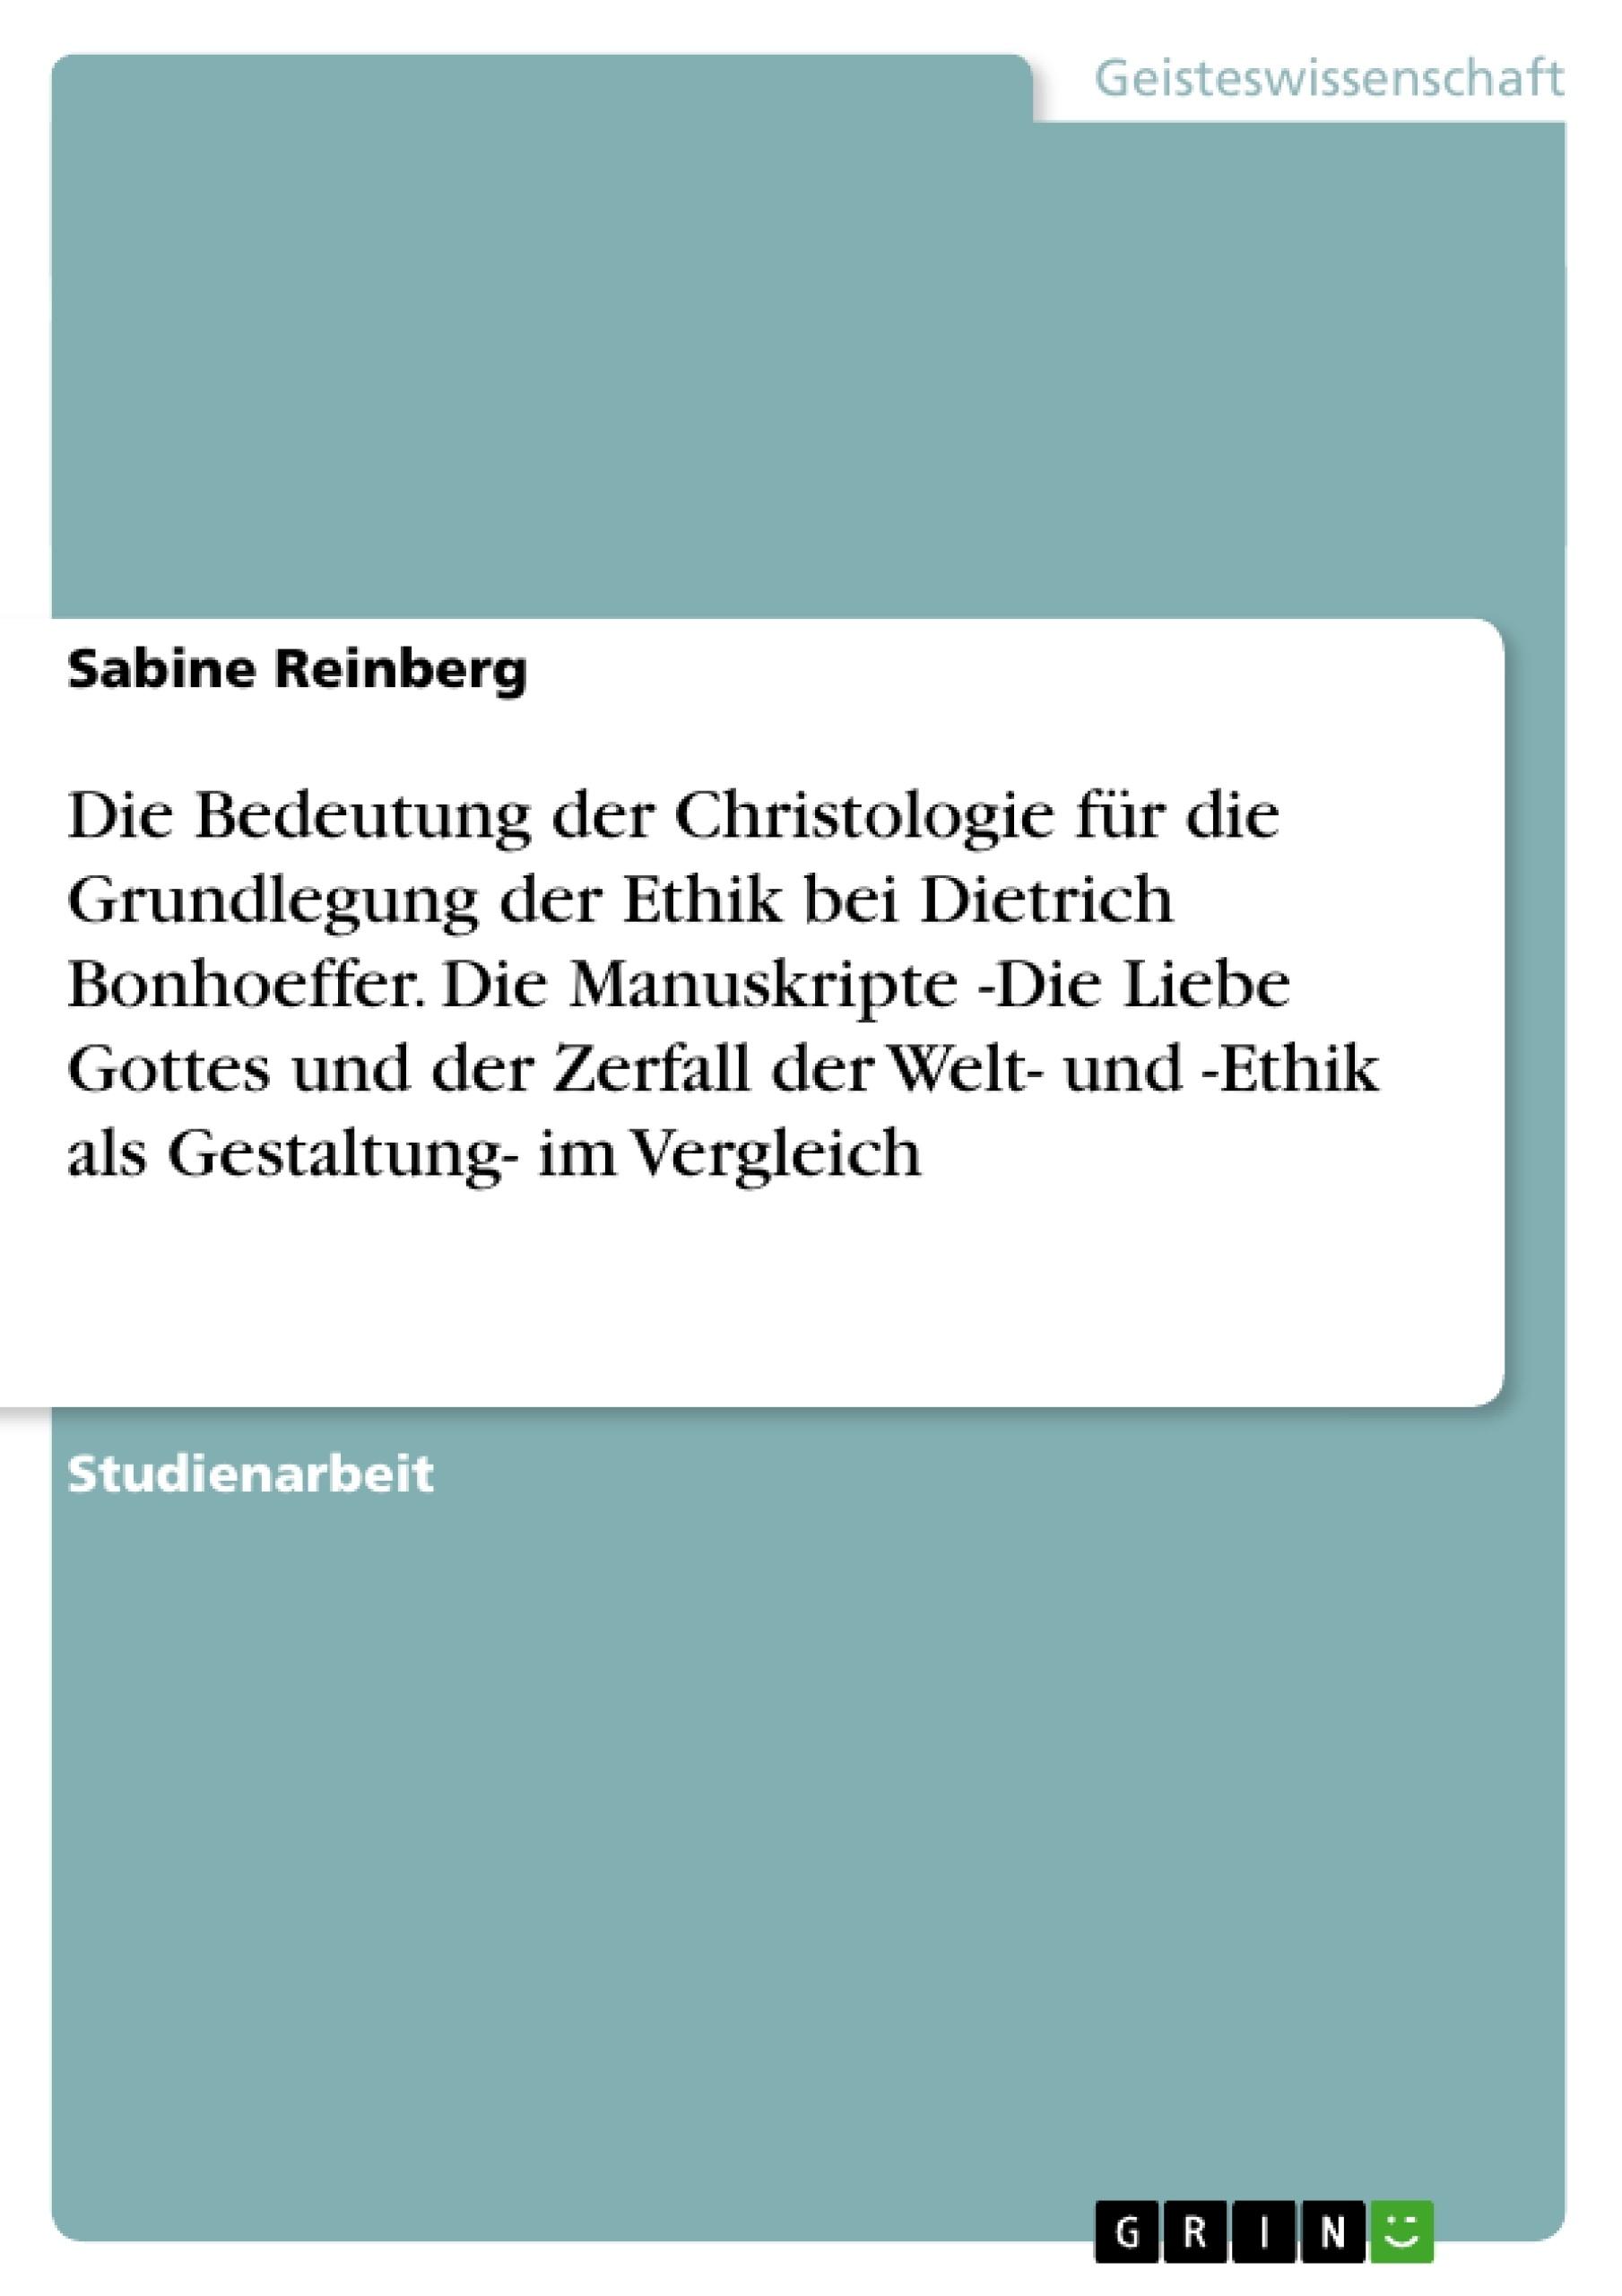 Titel: Die Bedeutung der Christologie für die Grundlegung der Ethik bei Dietrich Bonhoeffer. Die Manuskripte -Die Liebe Gottes und der Zerfall der Welt- und -Ethik als Gestaltung- im Vergleich